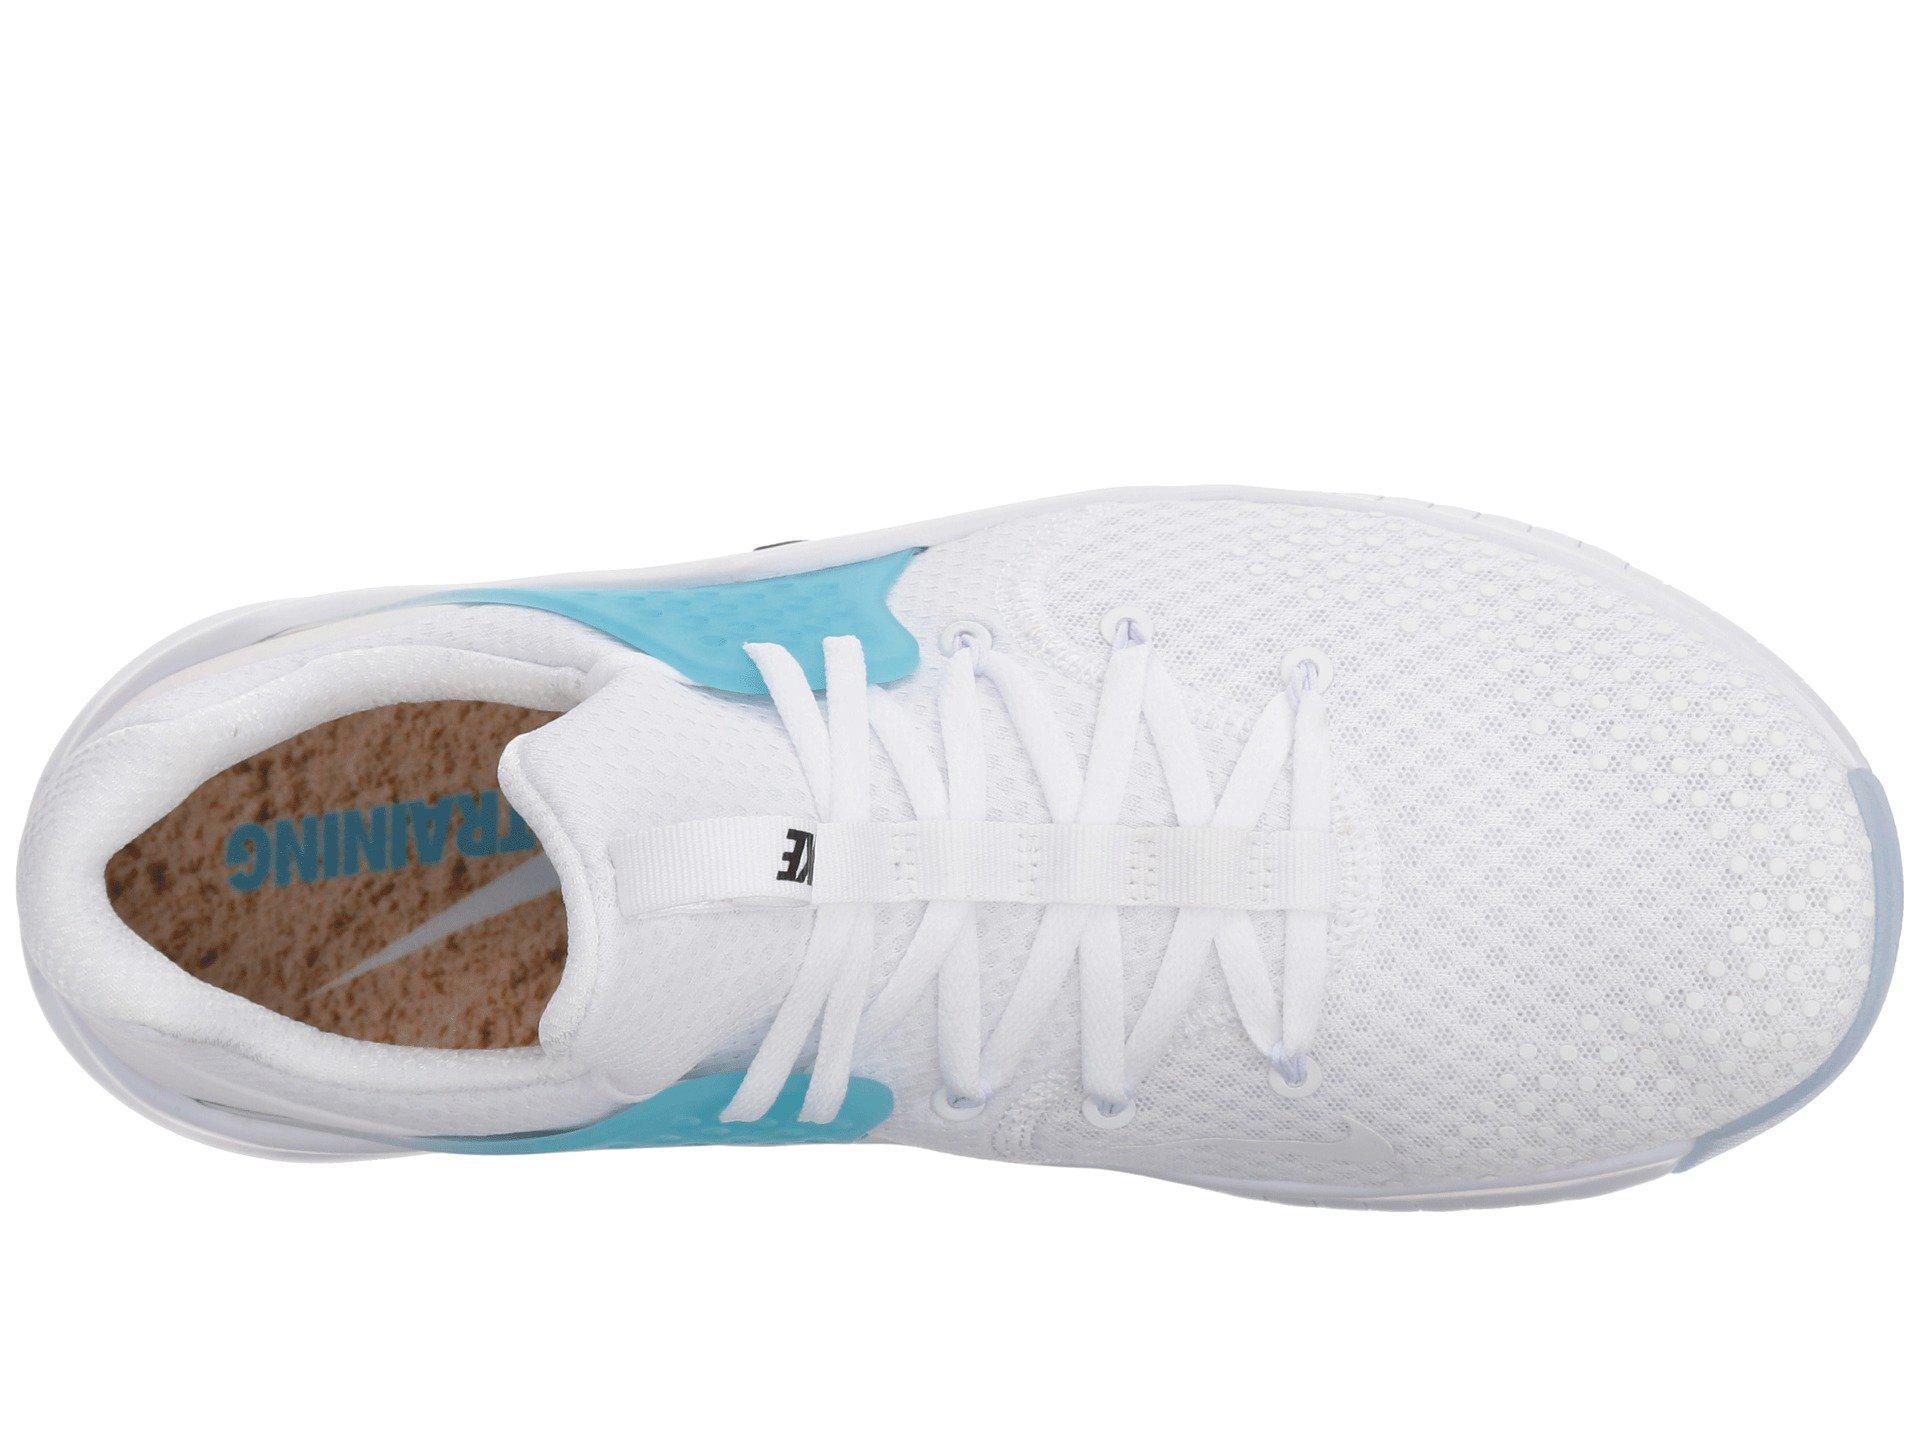 30d694d52caa Lyst - Nike Free Trainer V8 (black white red Blaze) Men s Cross ...